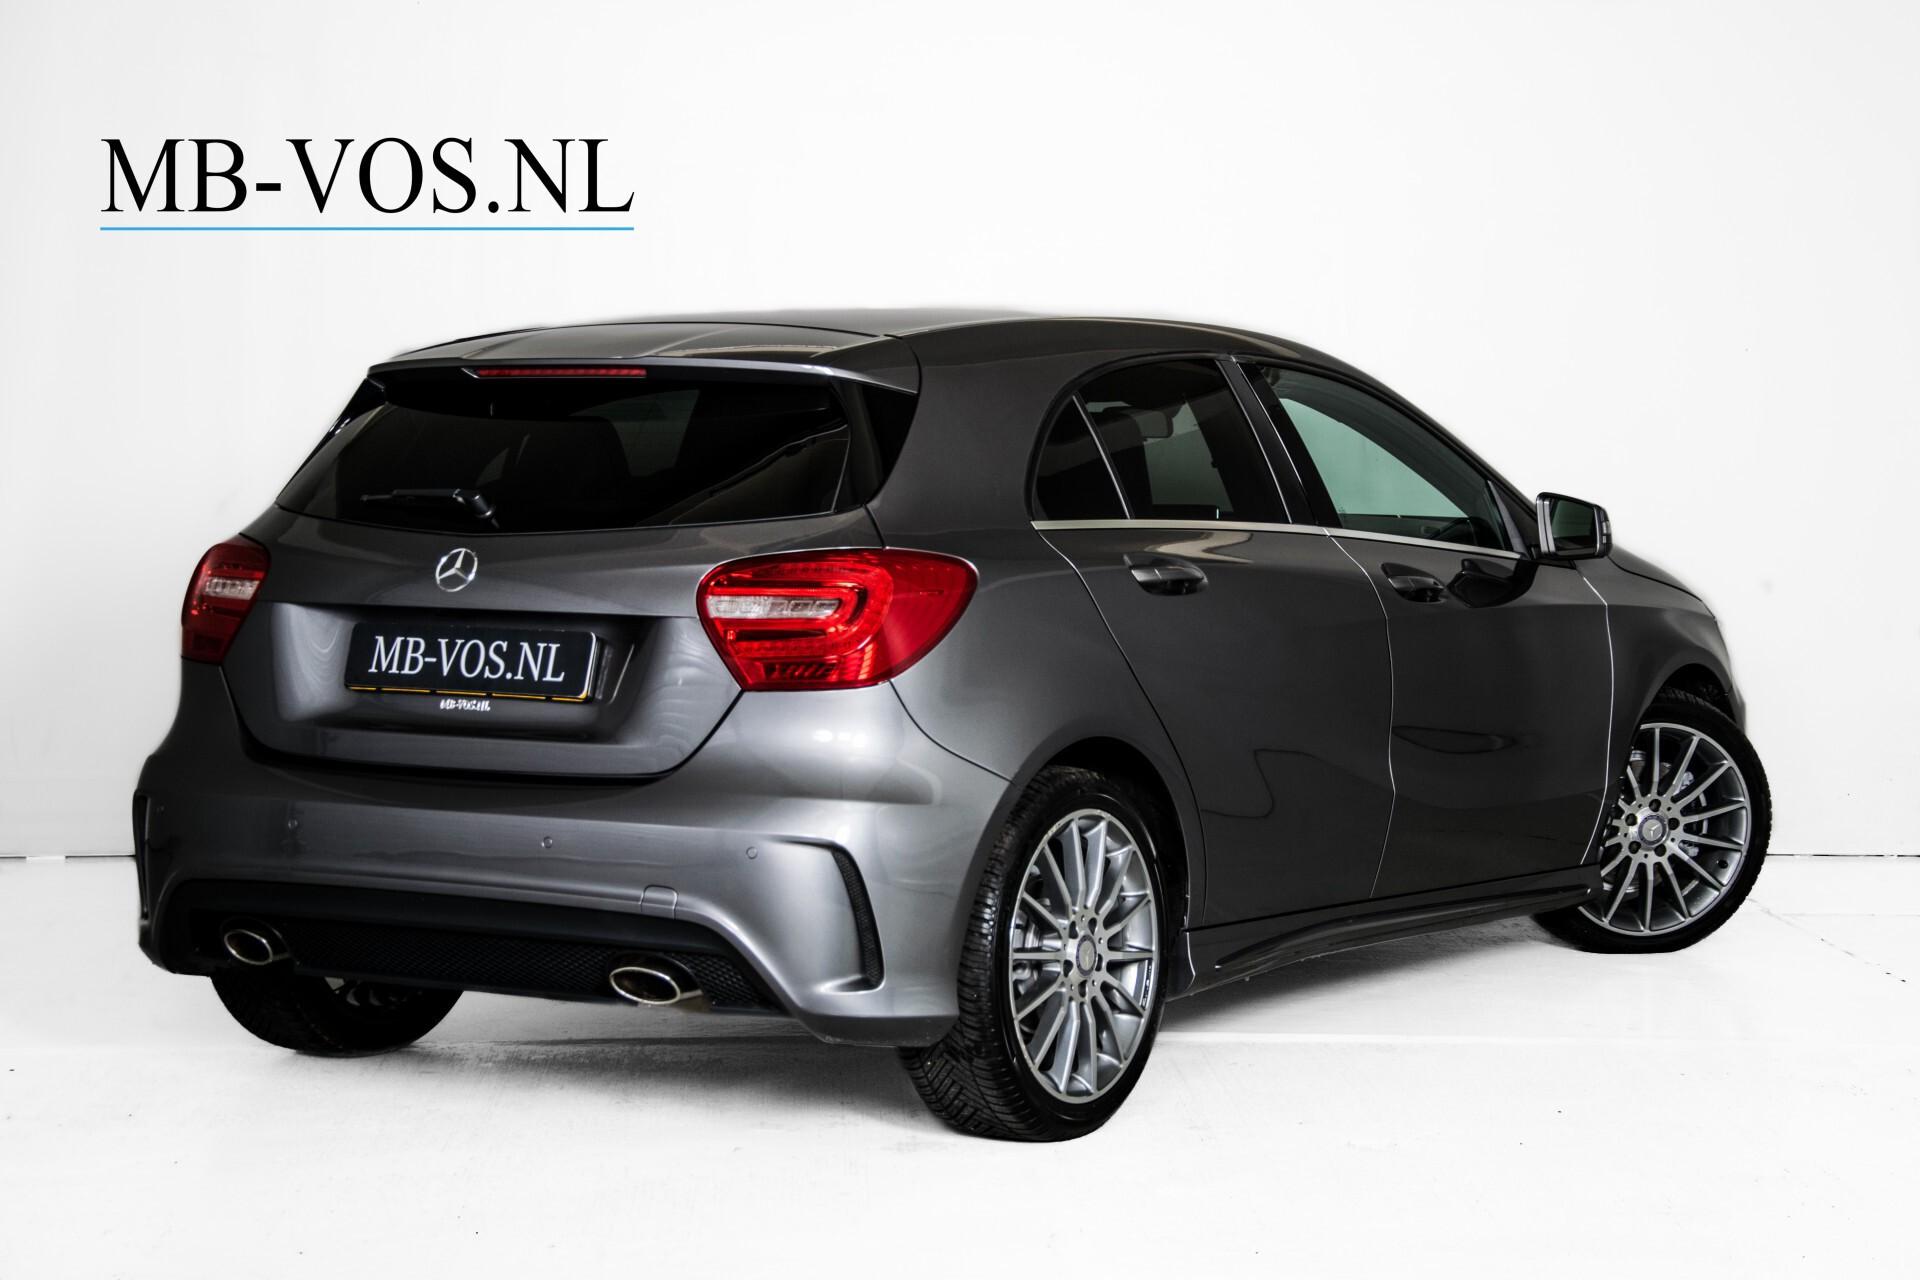 Mercedes-Benz A-Klasse 180 AMG Dynamic Handling/Camera/Xenon/Navi/Privacy Aut7 Foto 2